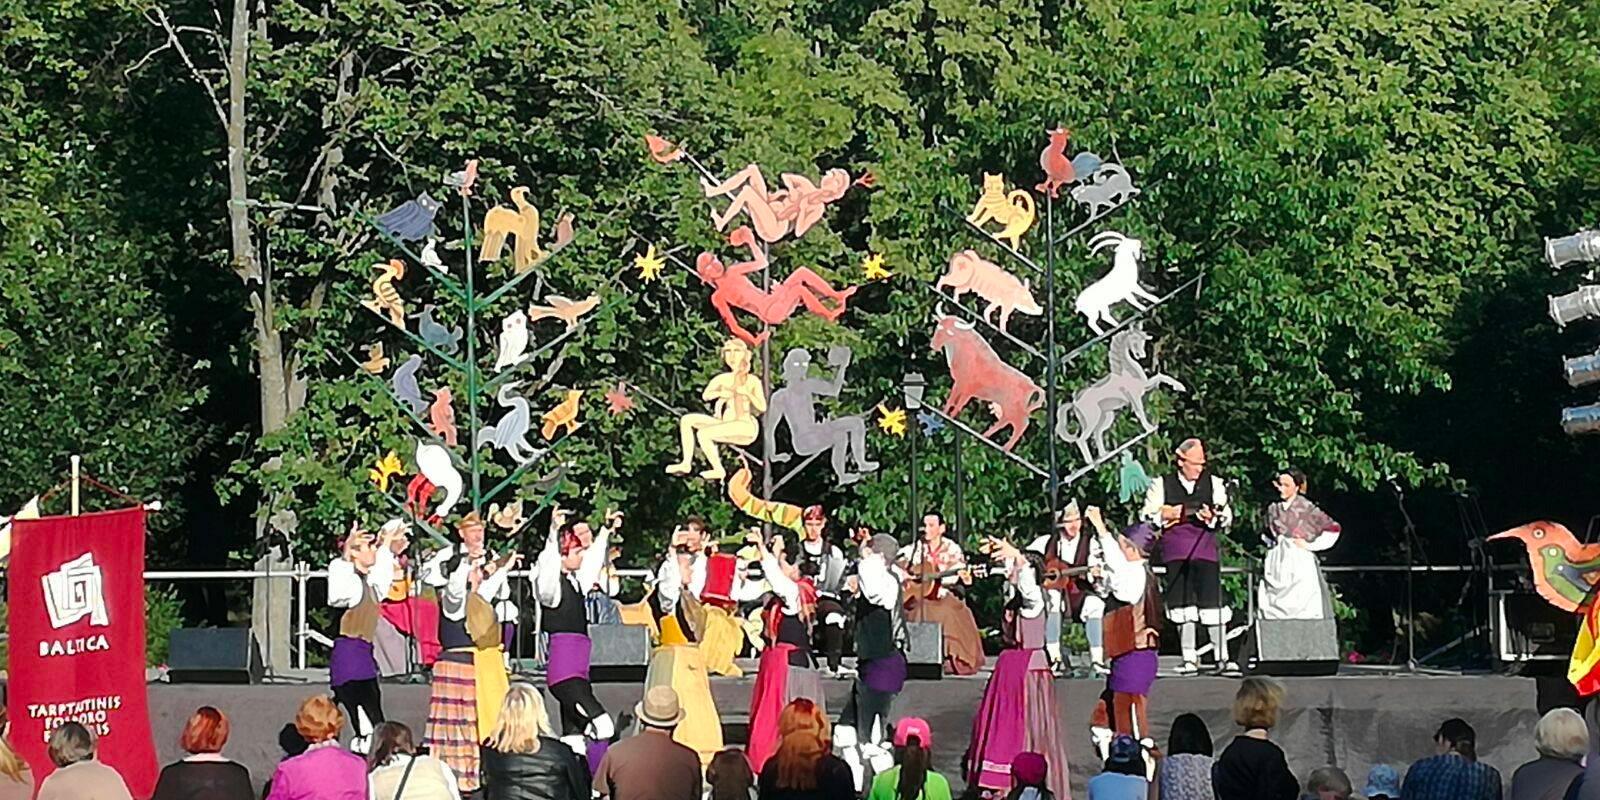 Festival Baltica 2017